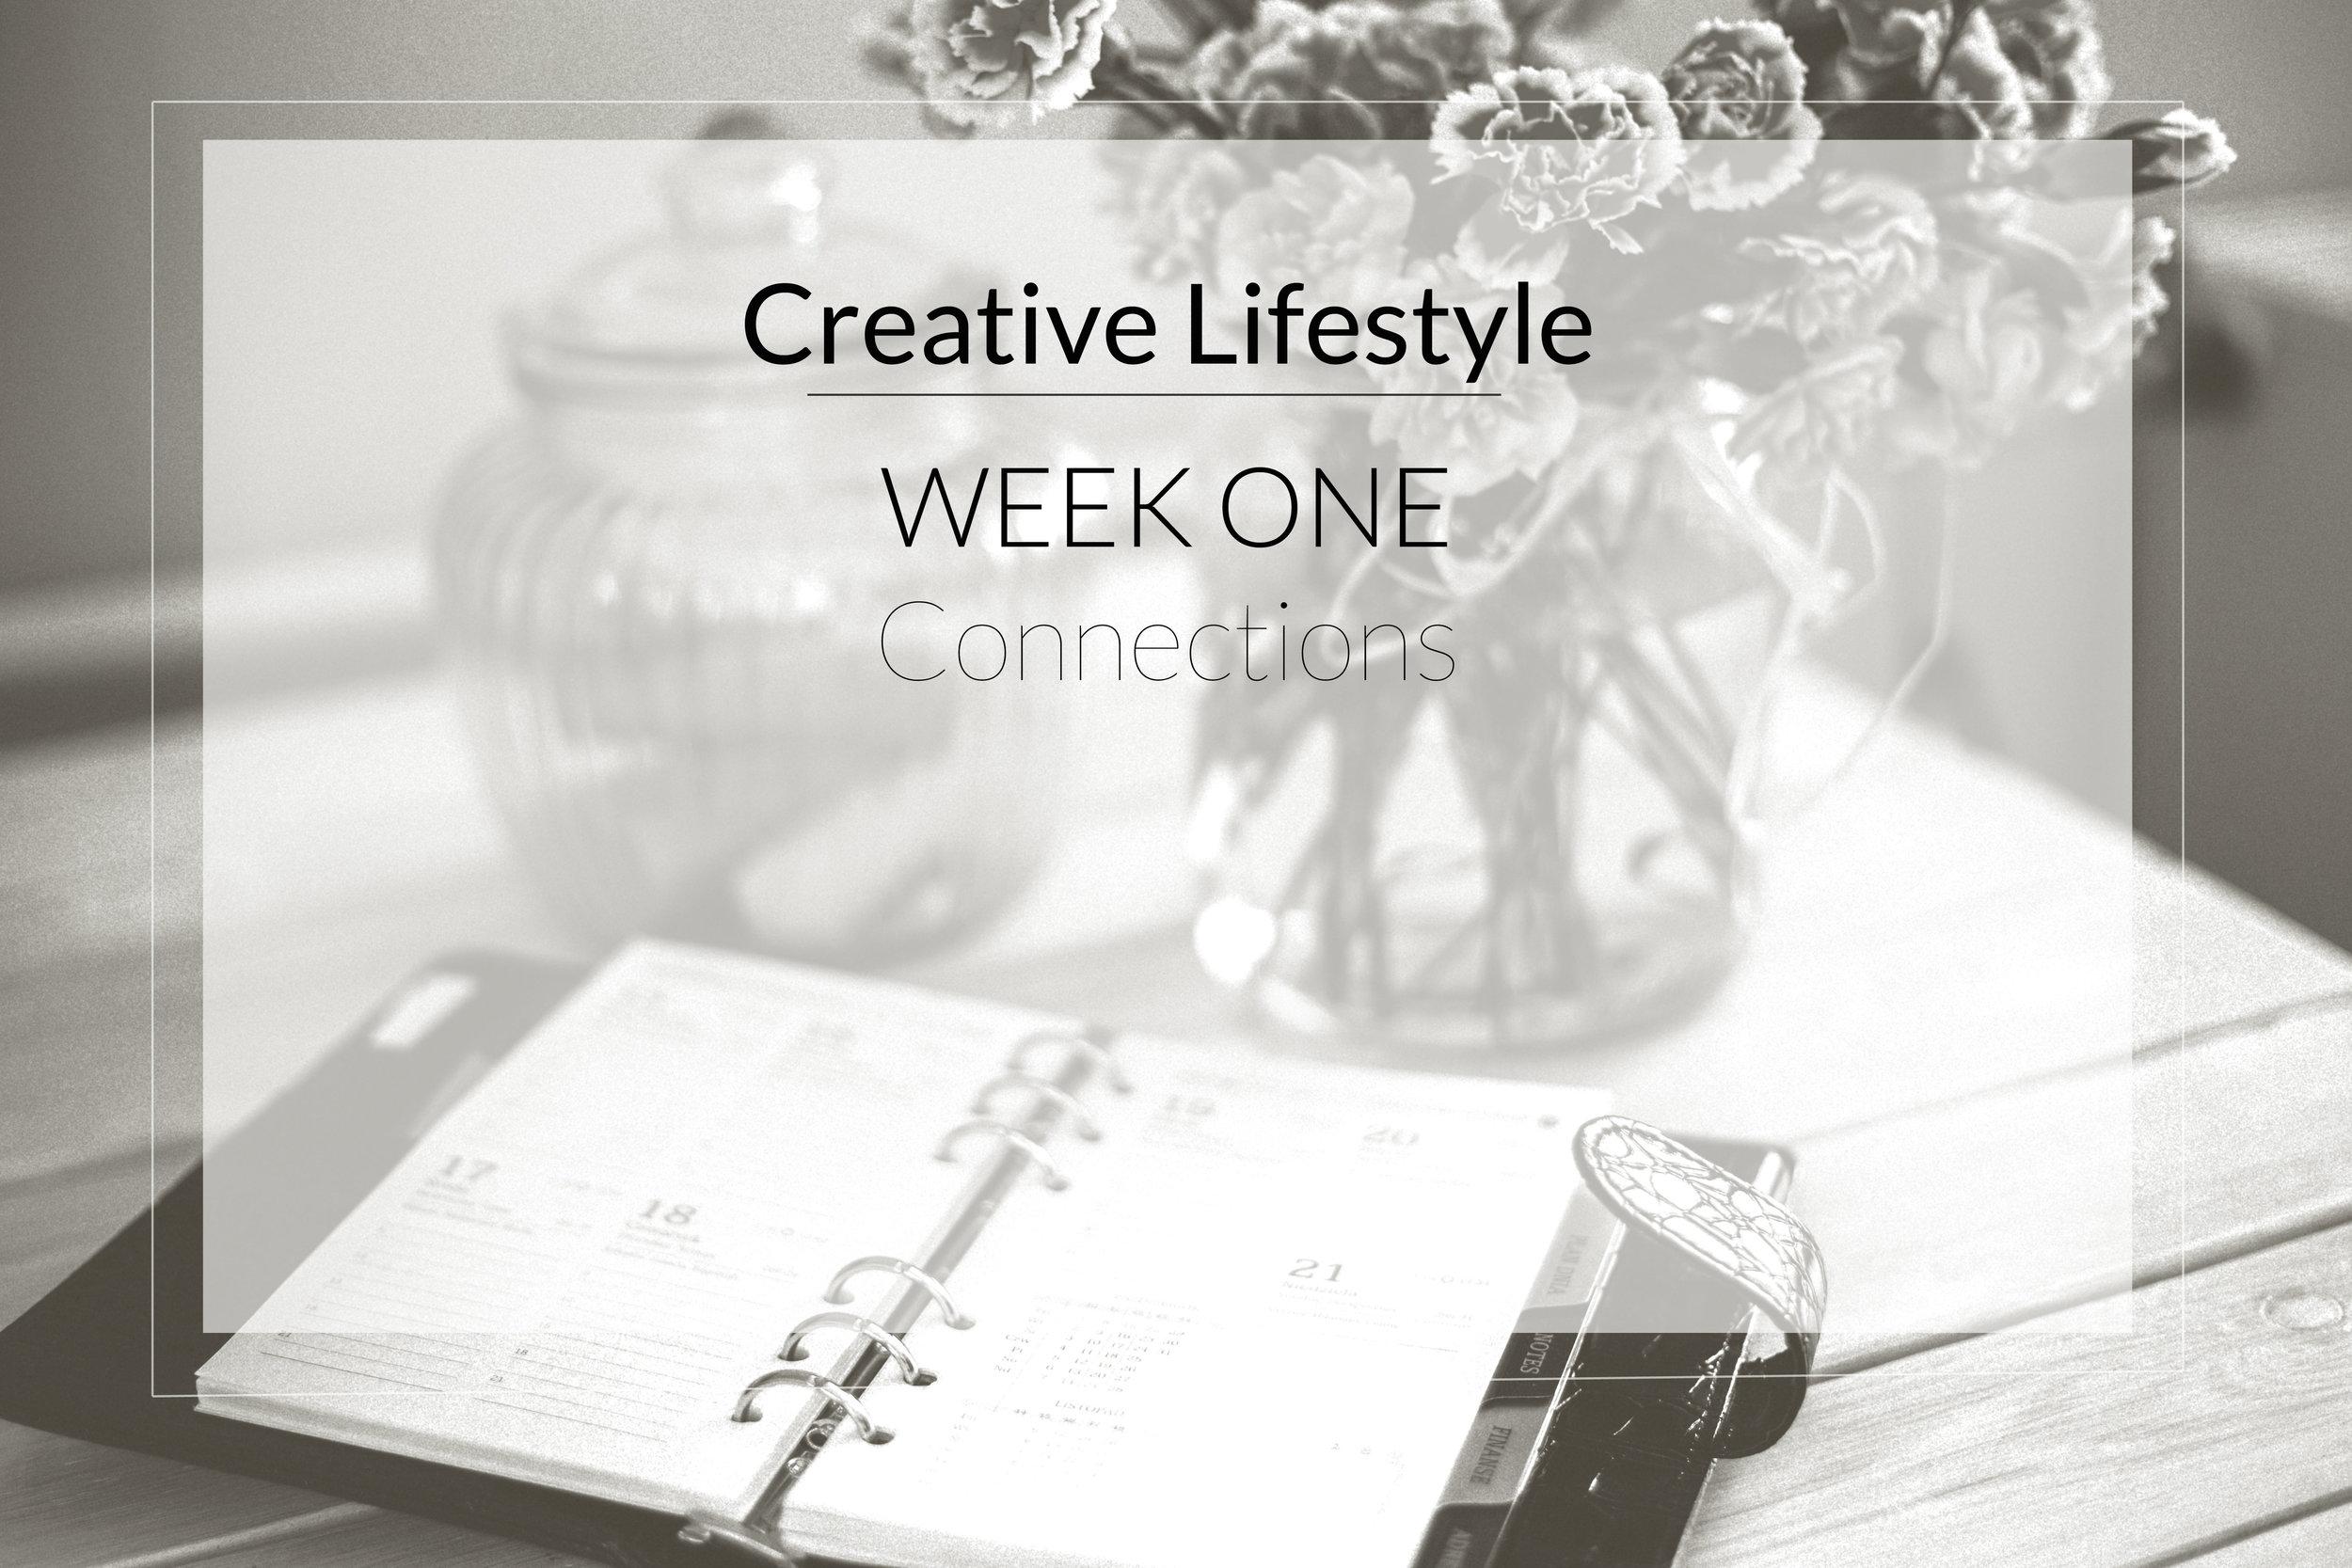 LIFESTYLE-WEEKONE1.jpg